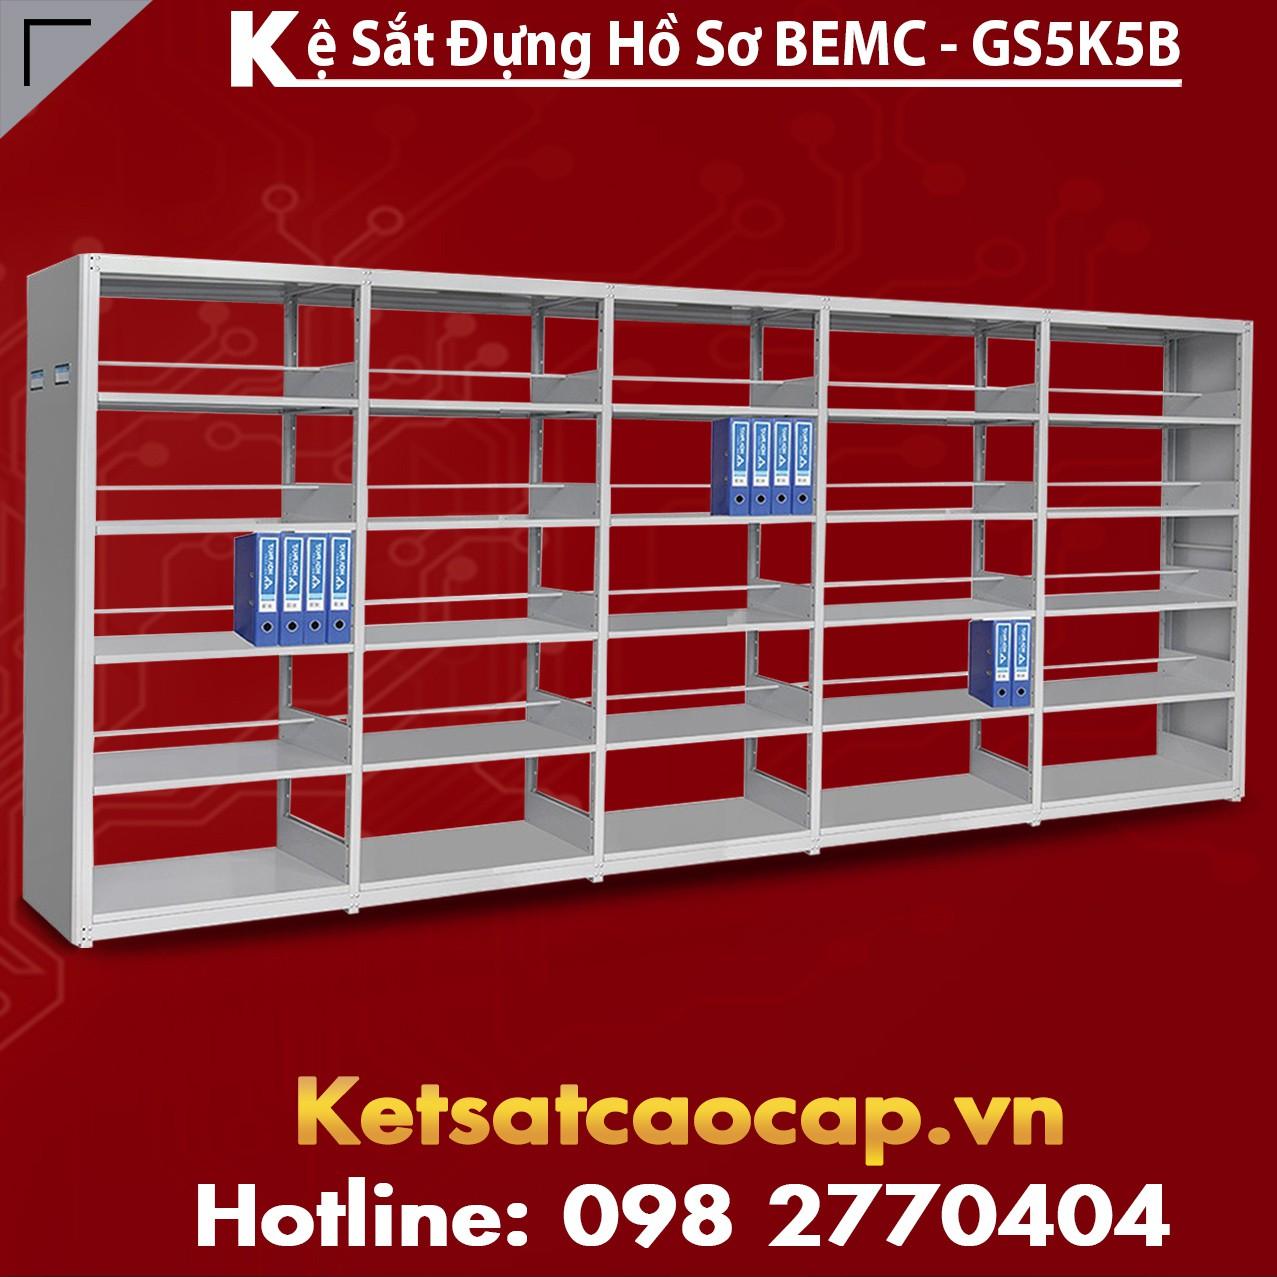 Kệ Sắt BEMC-GS5K5B